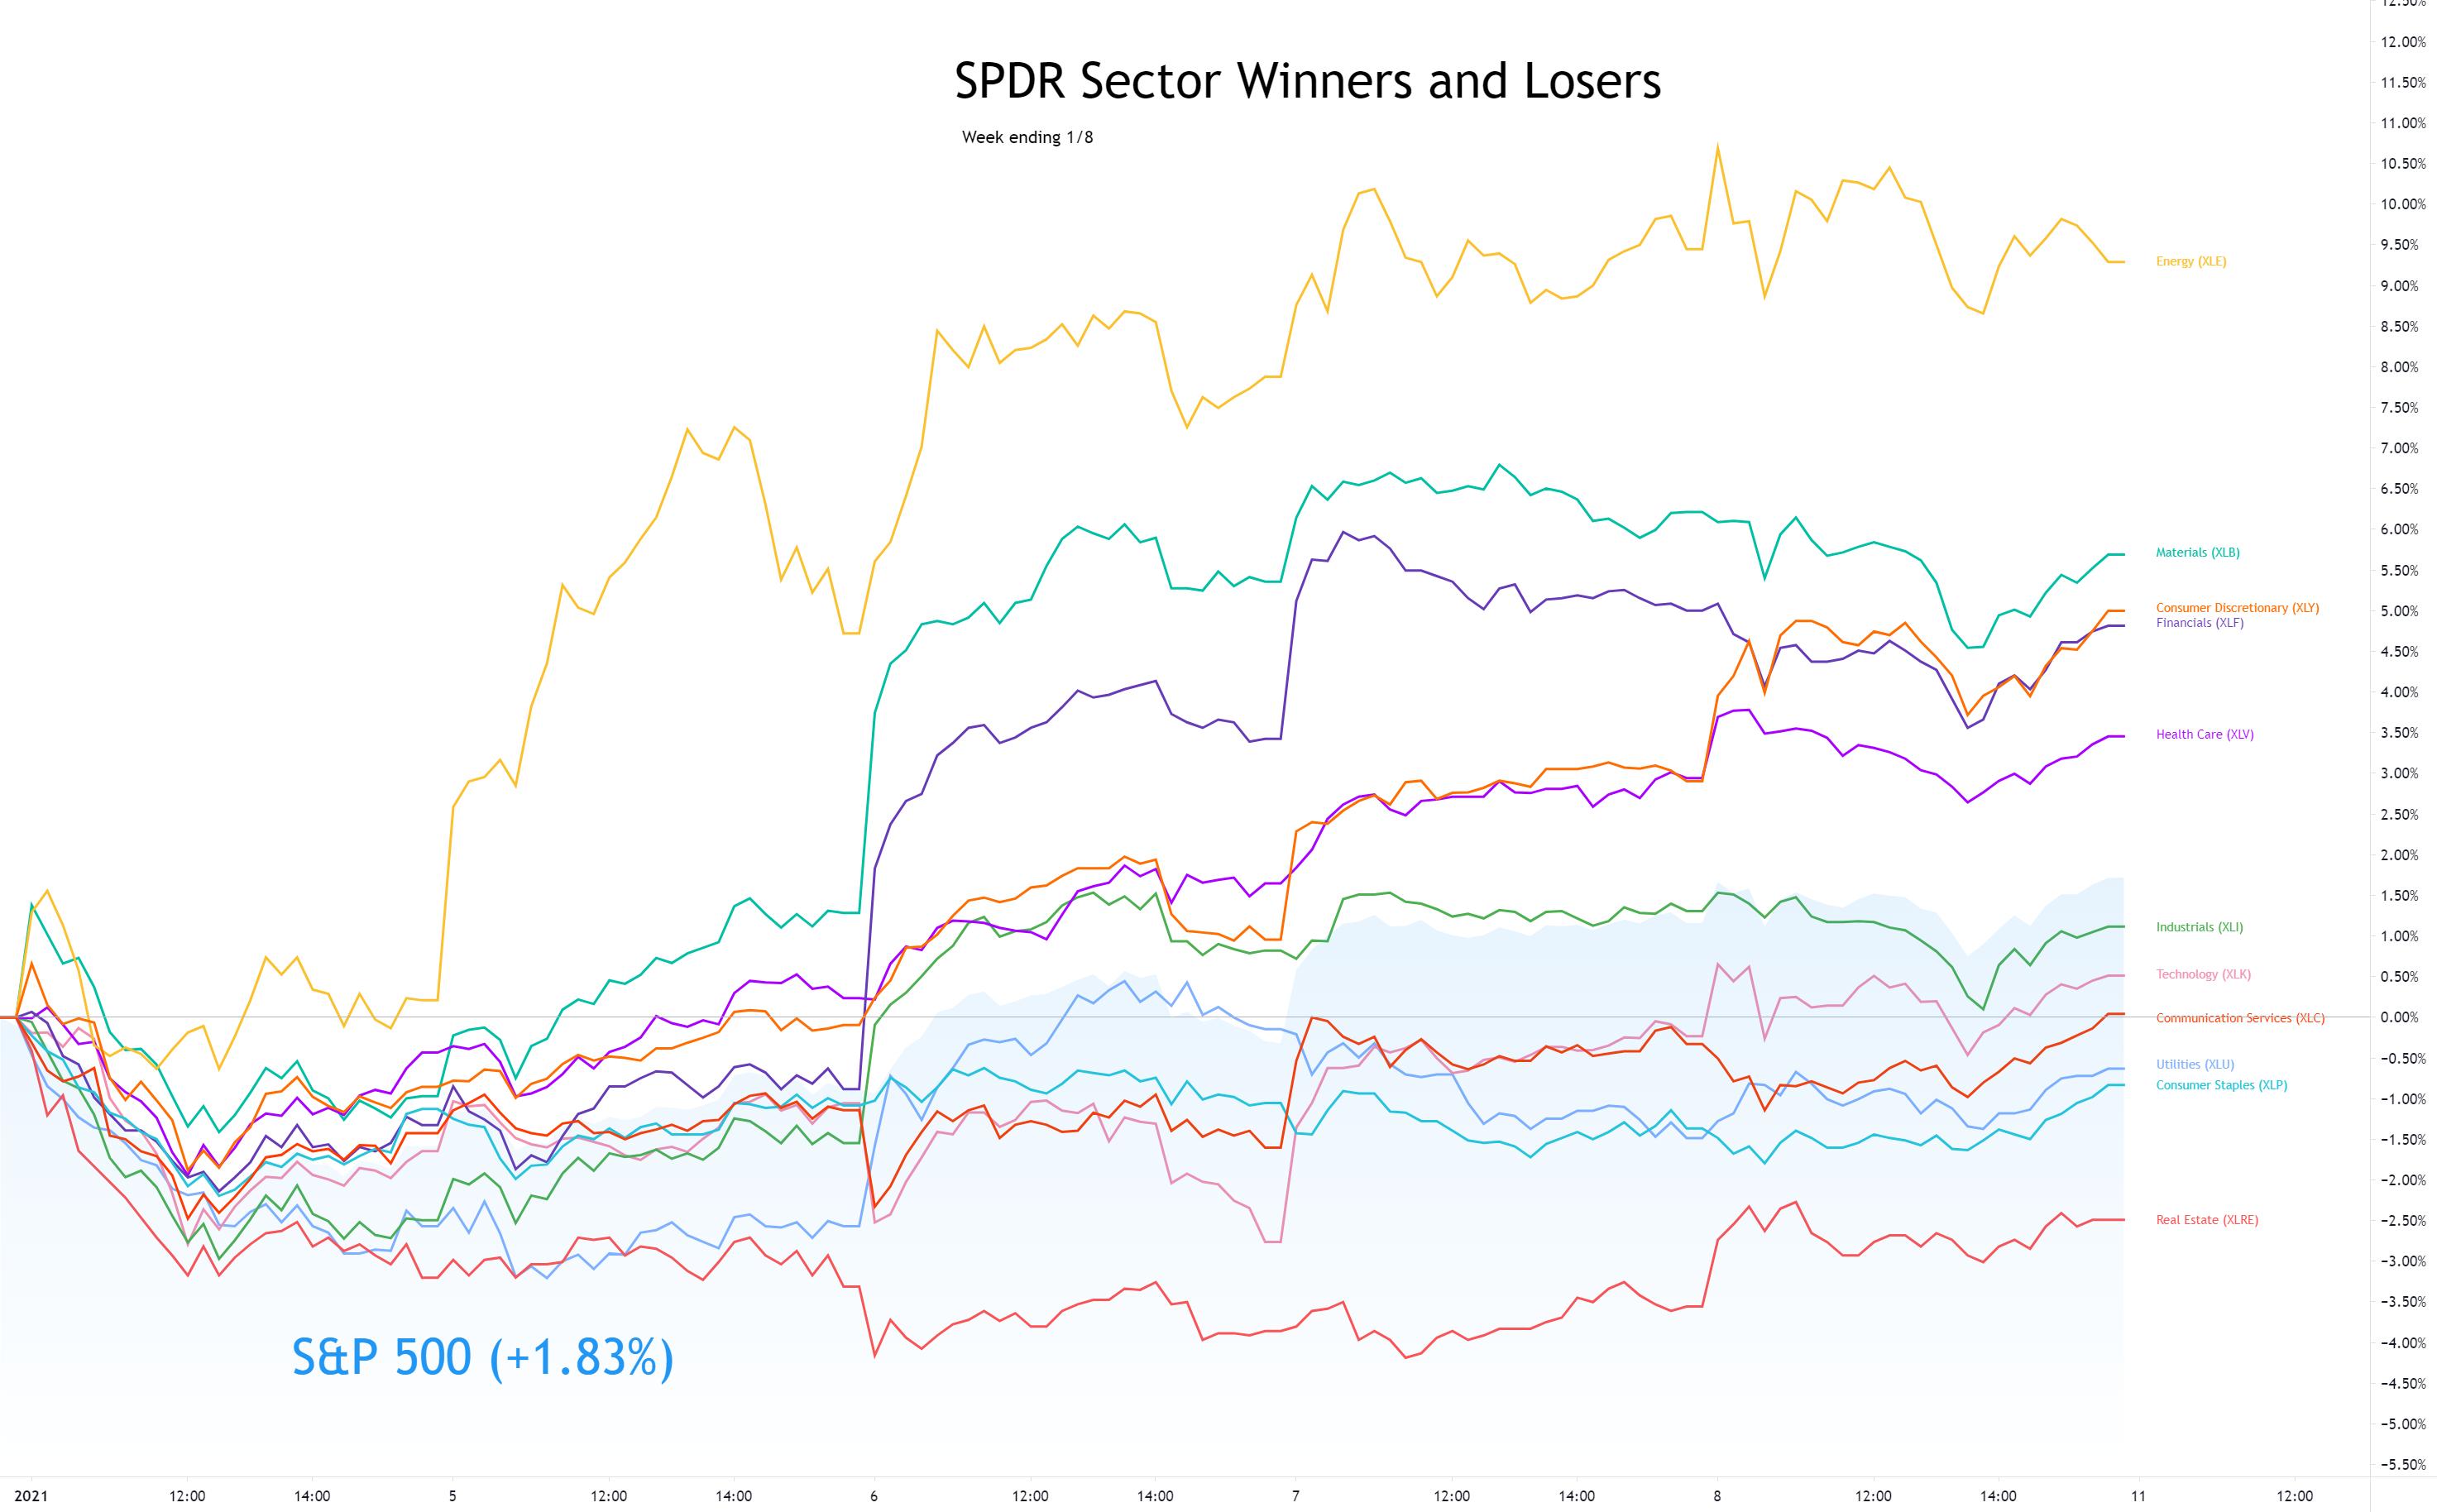 Sector Winners and Losers week ending 1/8